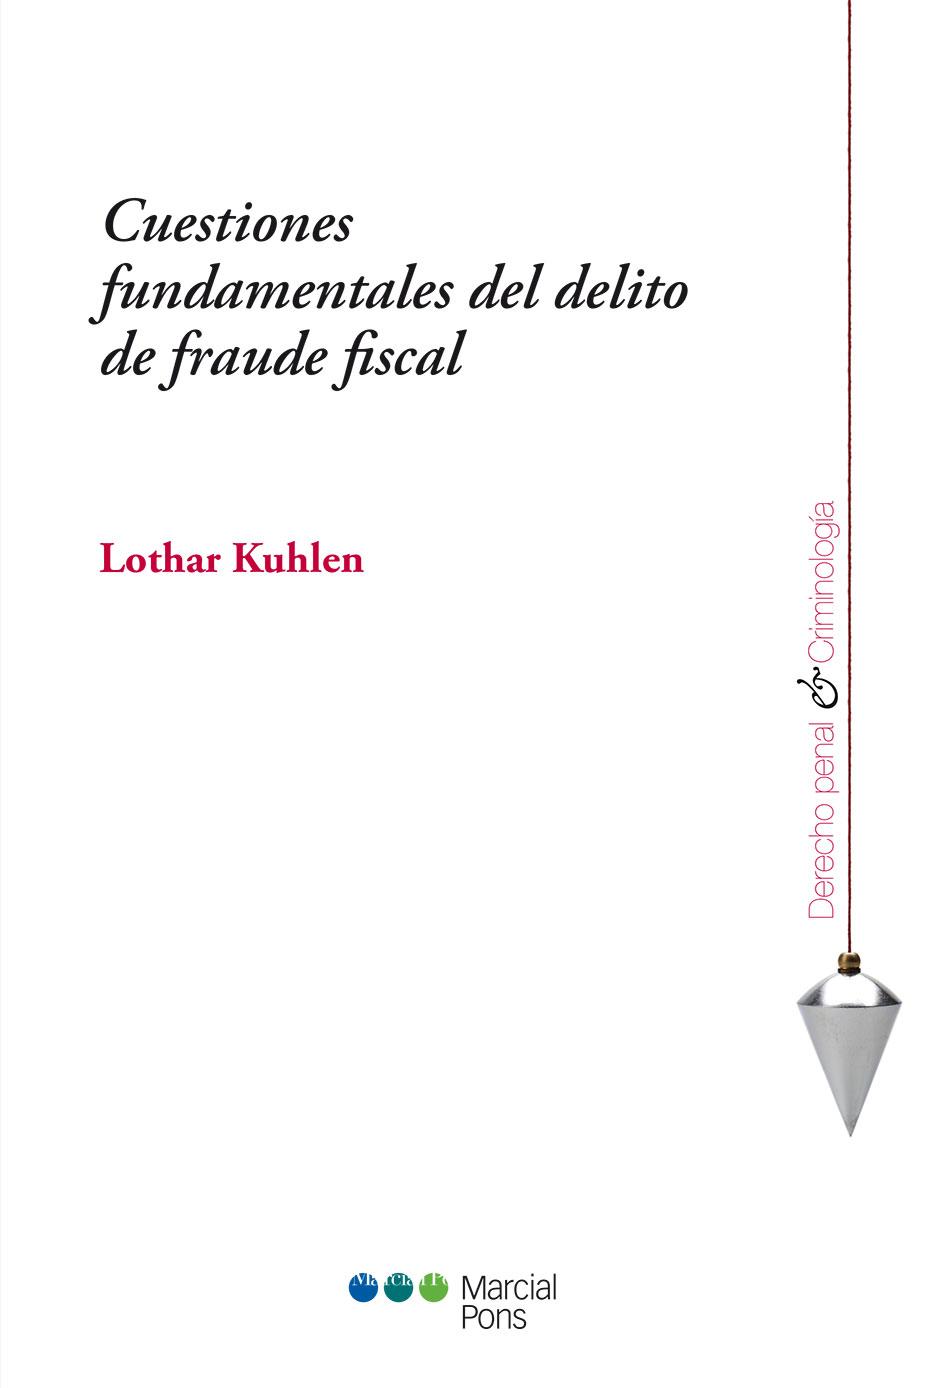 Portada del libro Cuestiones fundamentales del delito de fraude fiscal